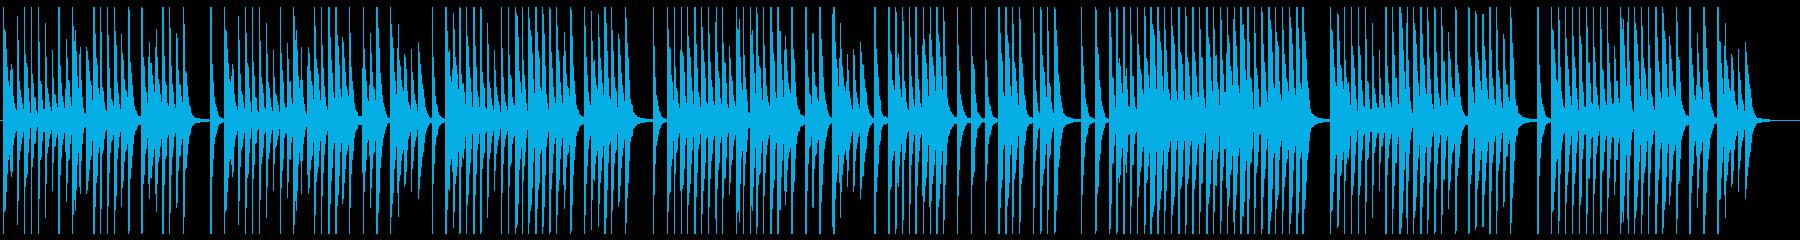 哀愁のあるバイオリン(ピチカート奏法)の再生済みの波形